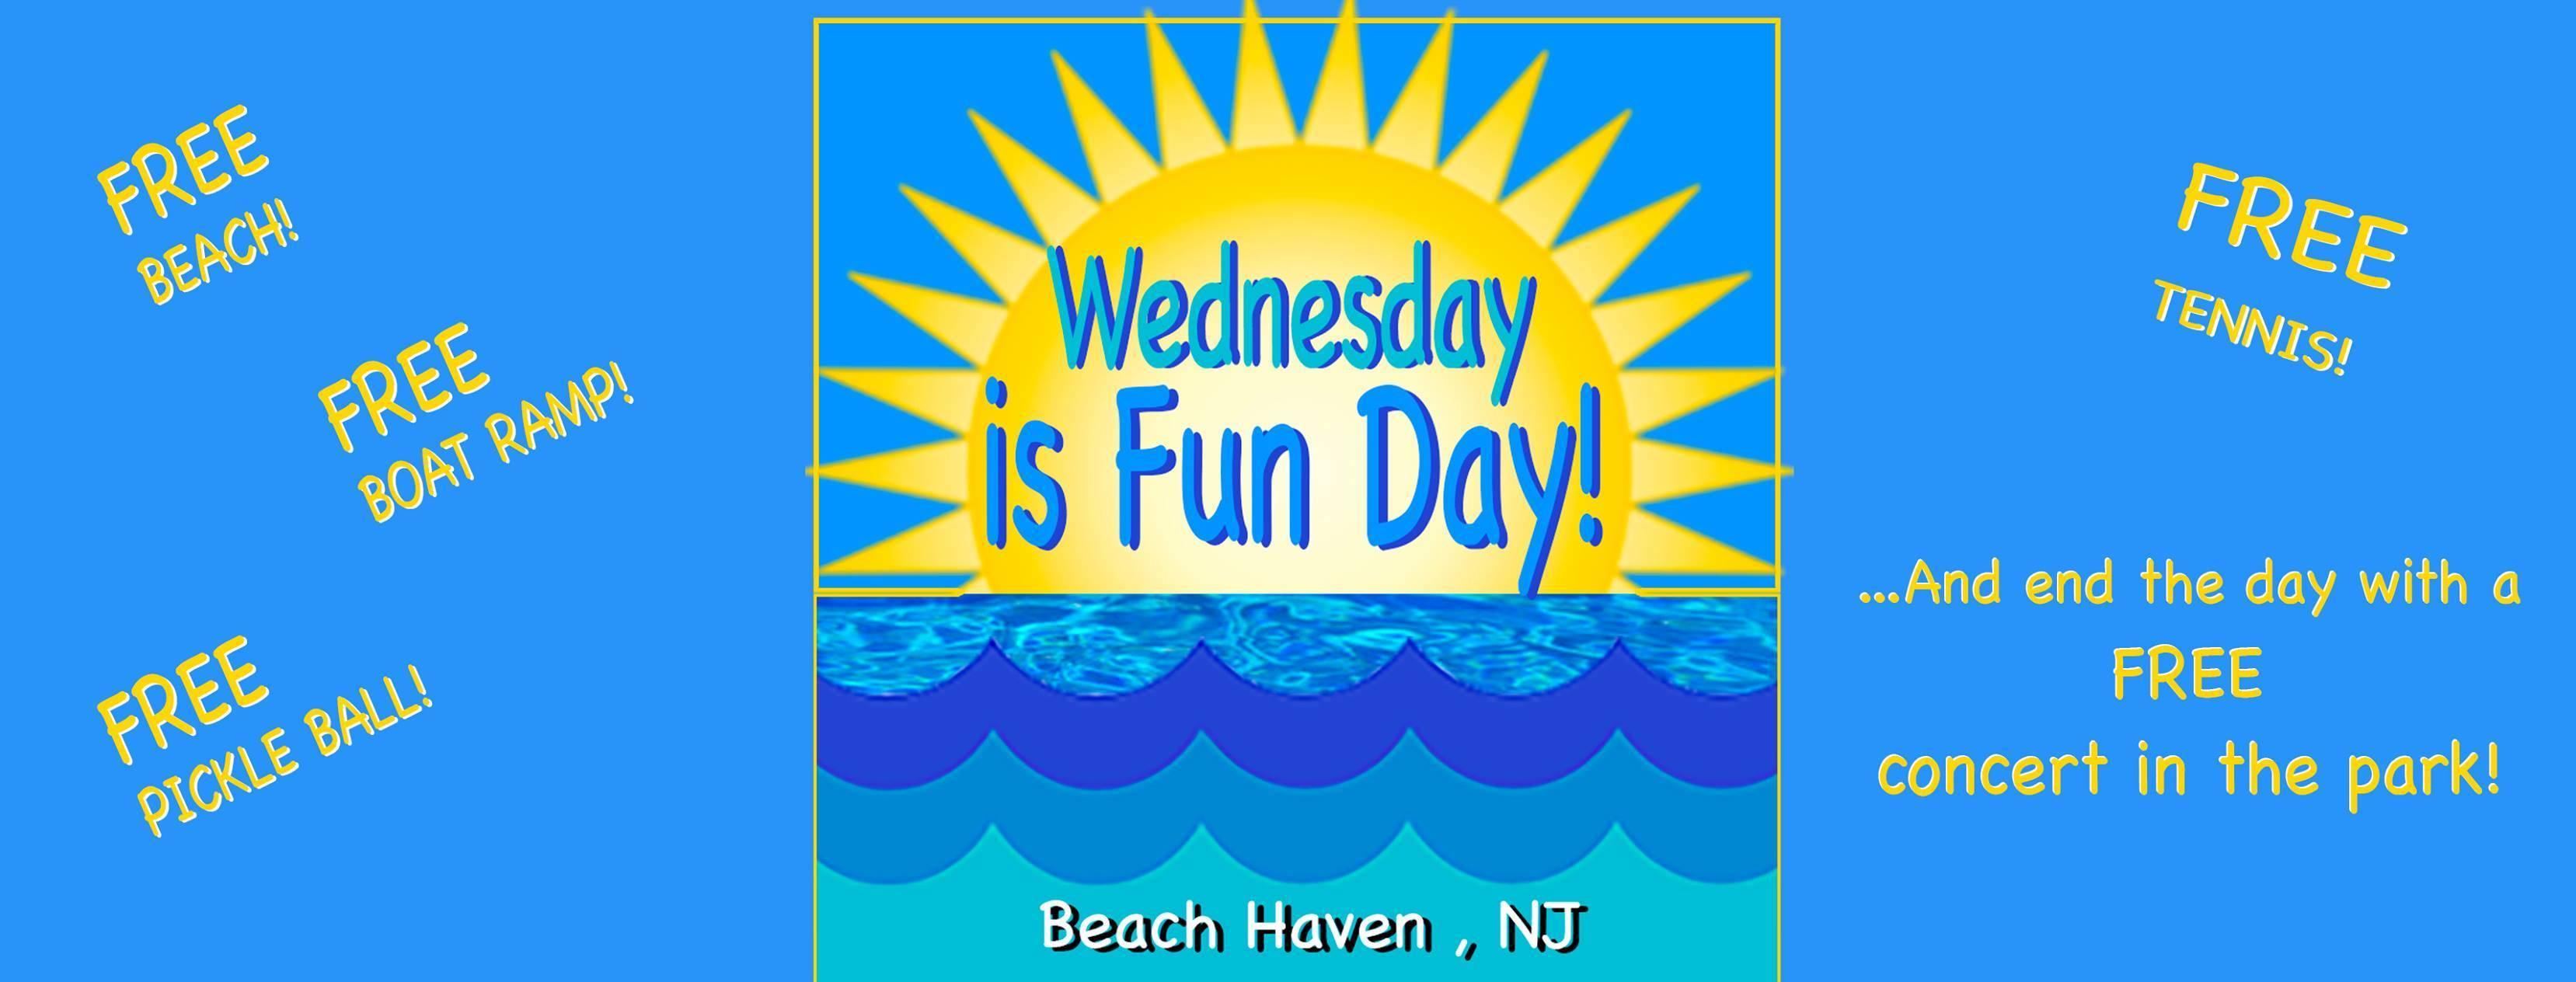 4ec4f79fd54f2a6c752c_Wednesday_fun_day_1.jpg